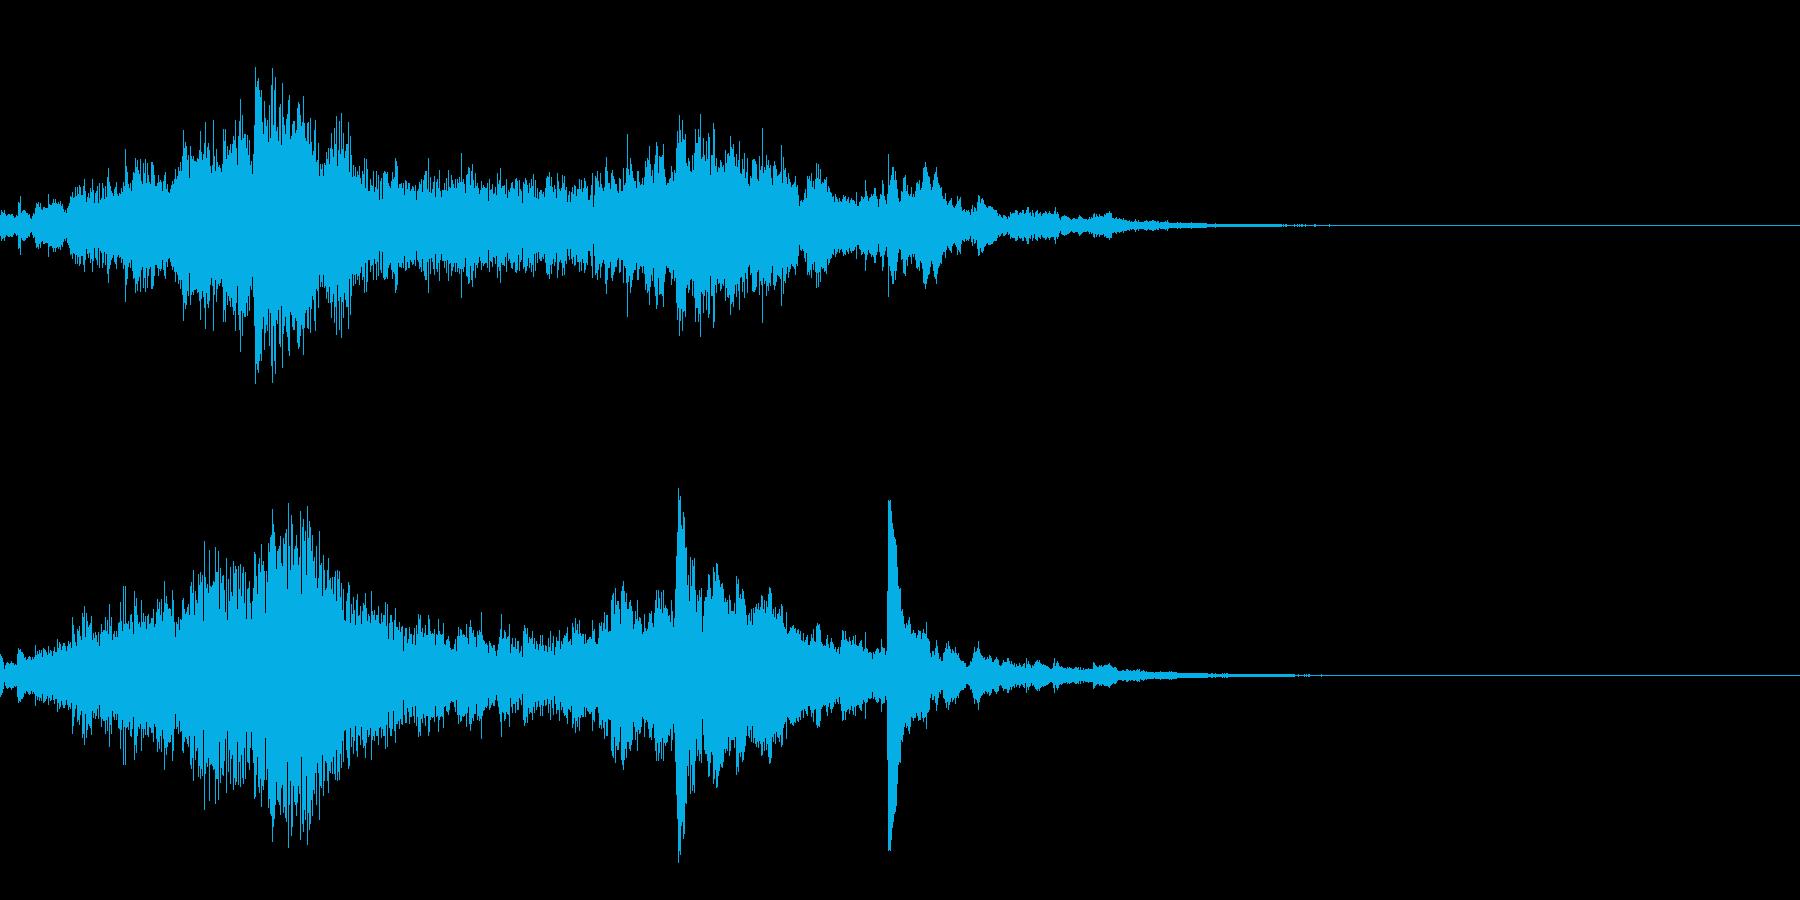 金魚が美しく優雅なピアノソロ 12秒 の再生済みの波形